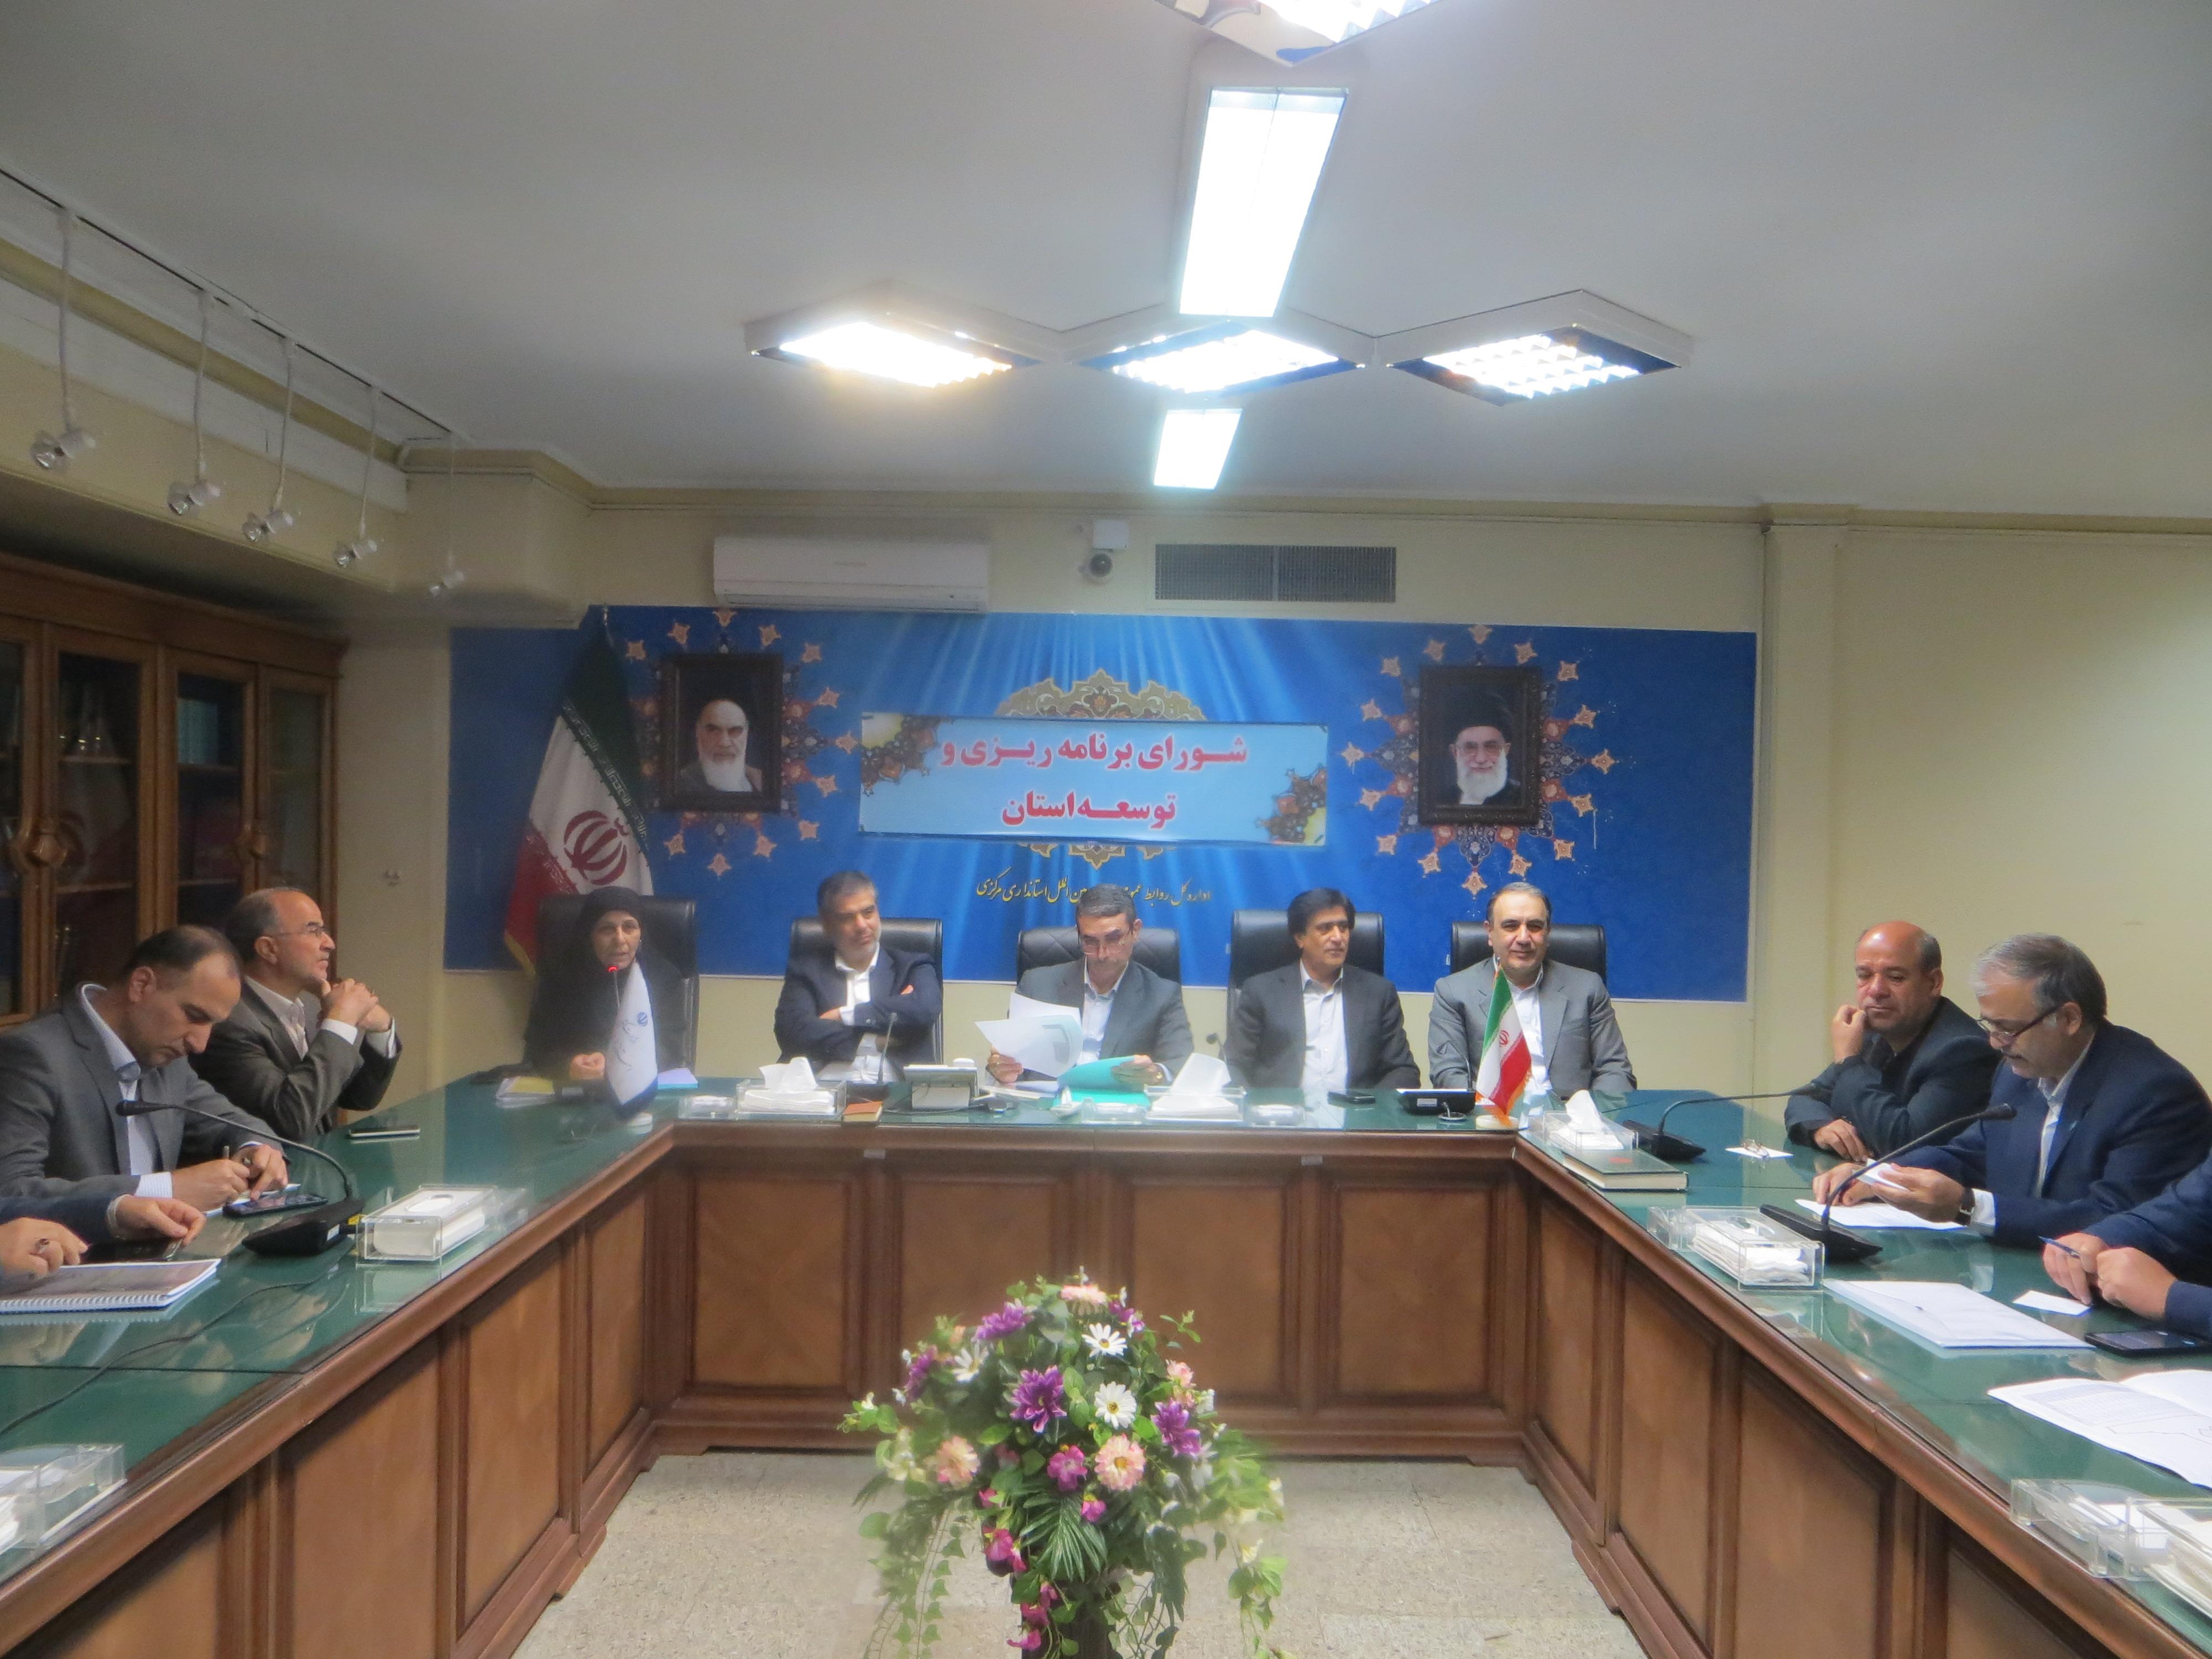 تصویب دو طرح جامع توسعه و عمران در آشتیان و کمیجان